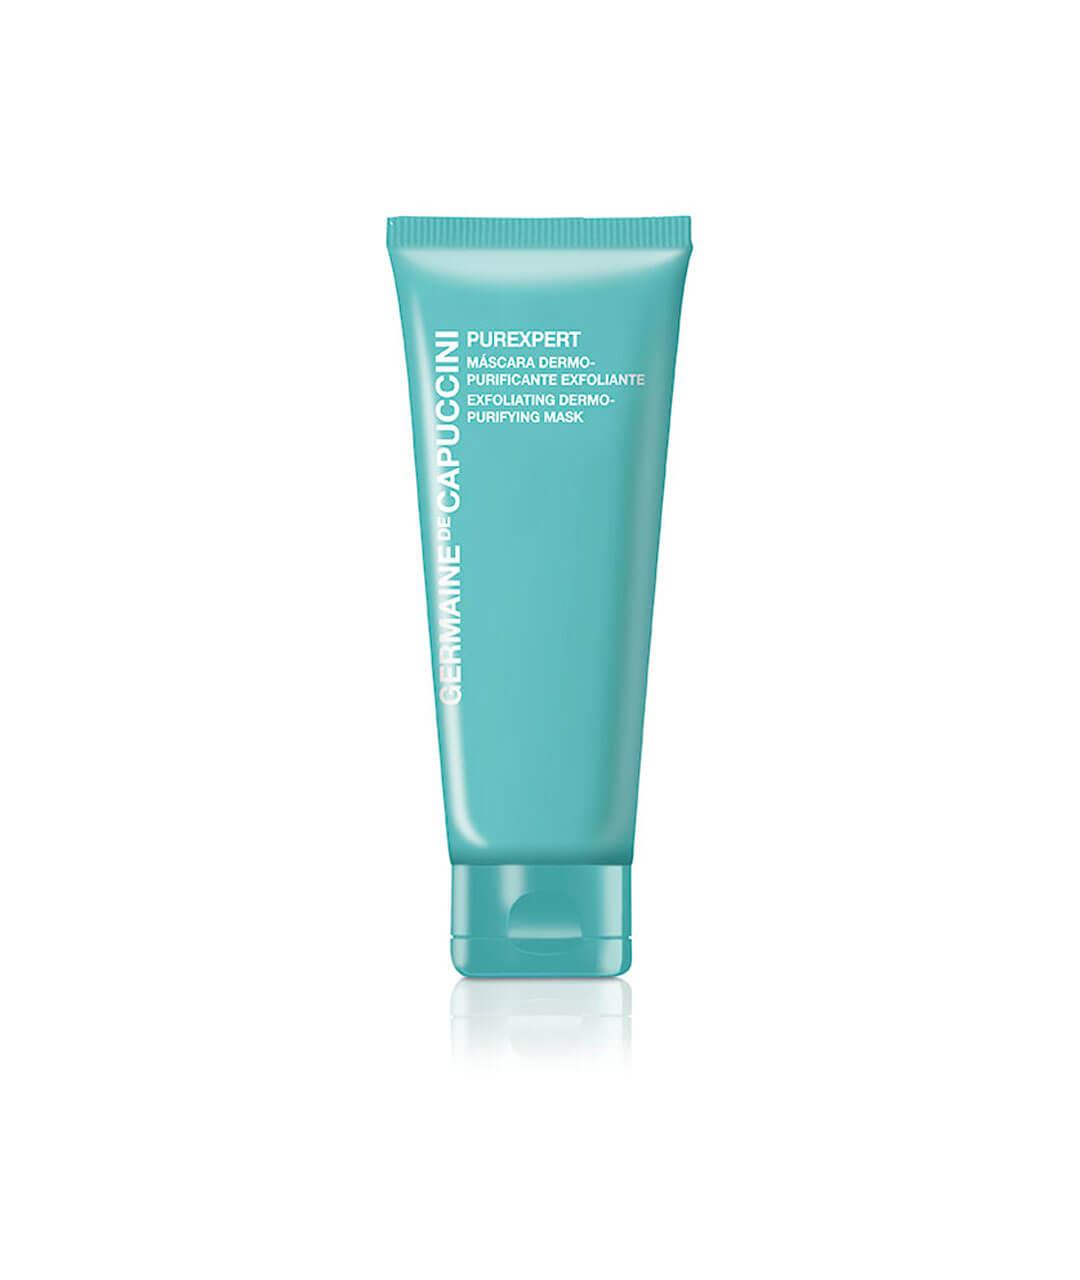 Purexpert Mascara DermoPurificante (Purificante, Pieles Grasas)